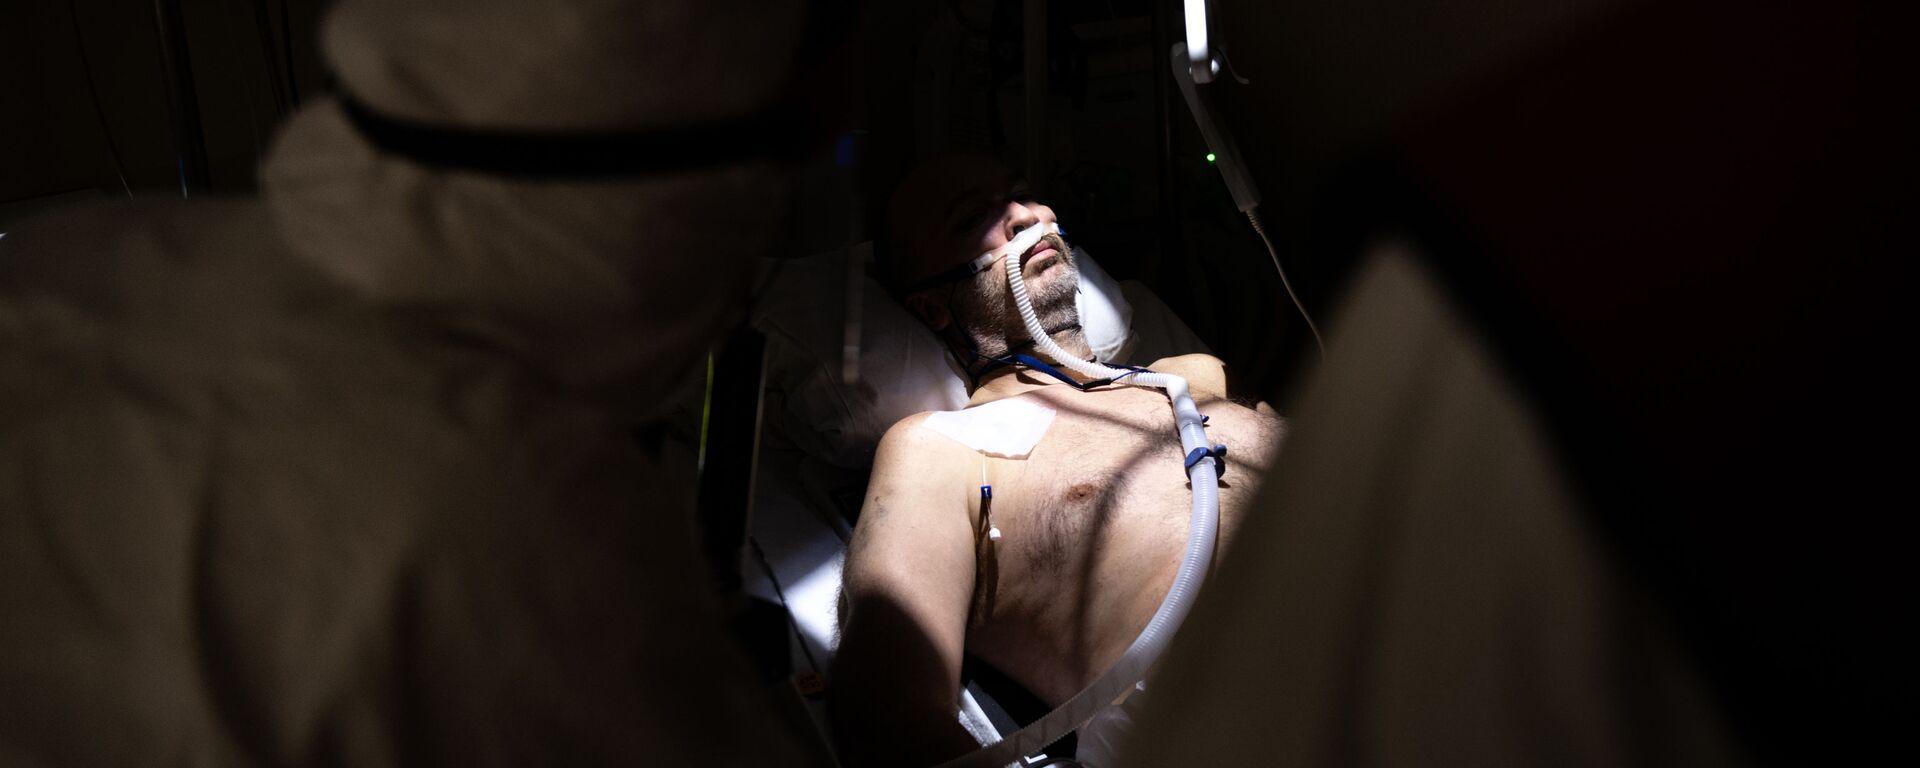 Лечение пациента во временном медицинском учреждении, созданном для пациентов с COVID-19 в Ледовом дворце Крылатское, Москва - Sputnik Polska, 1920, 19.08.2021